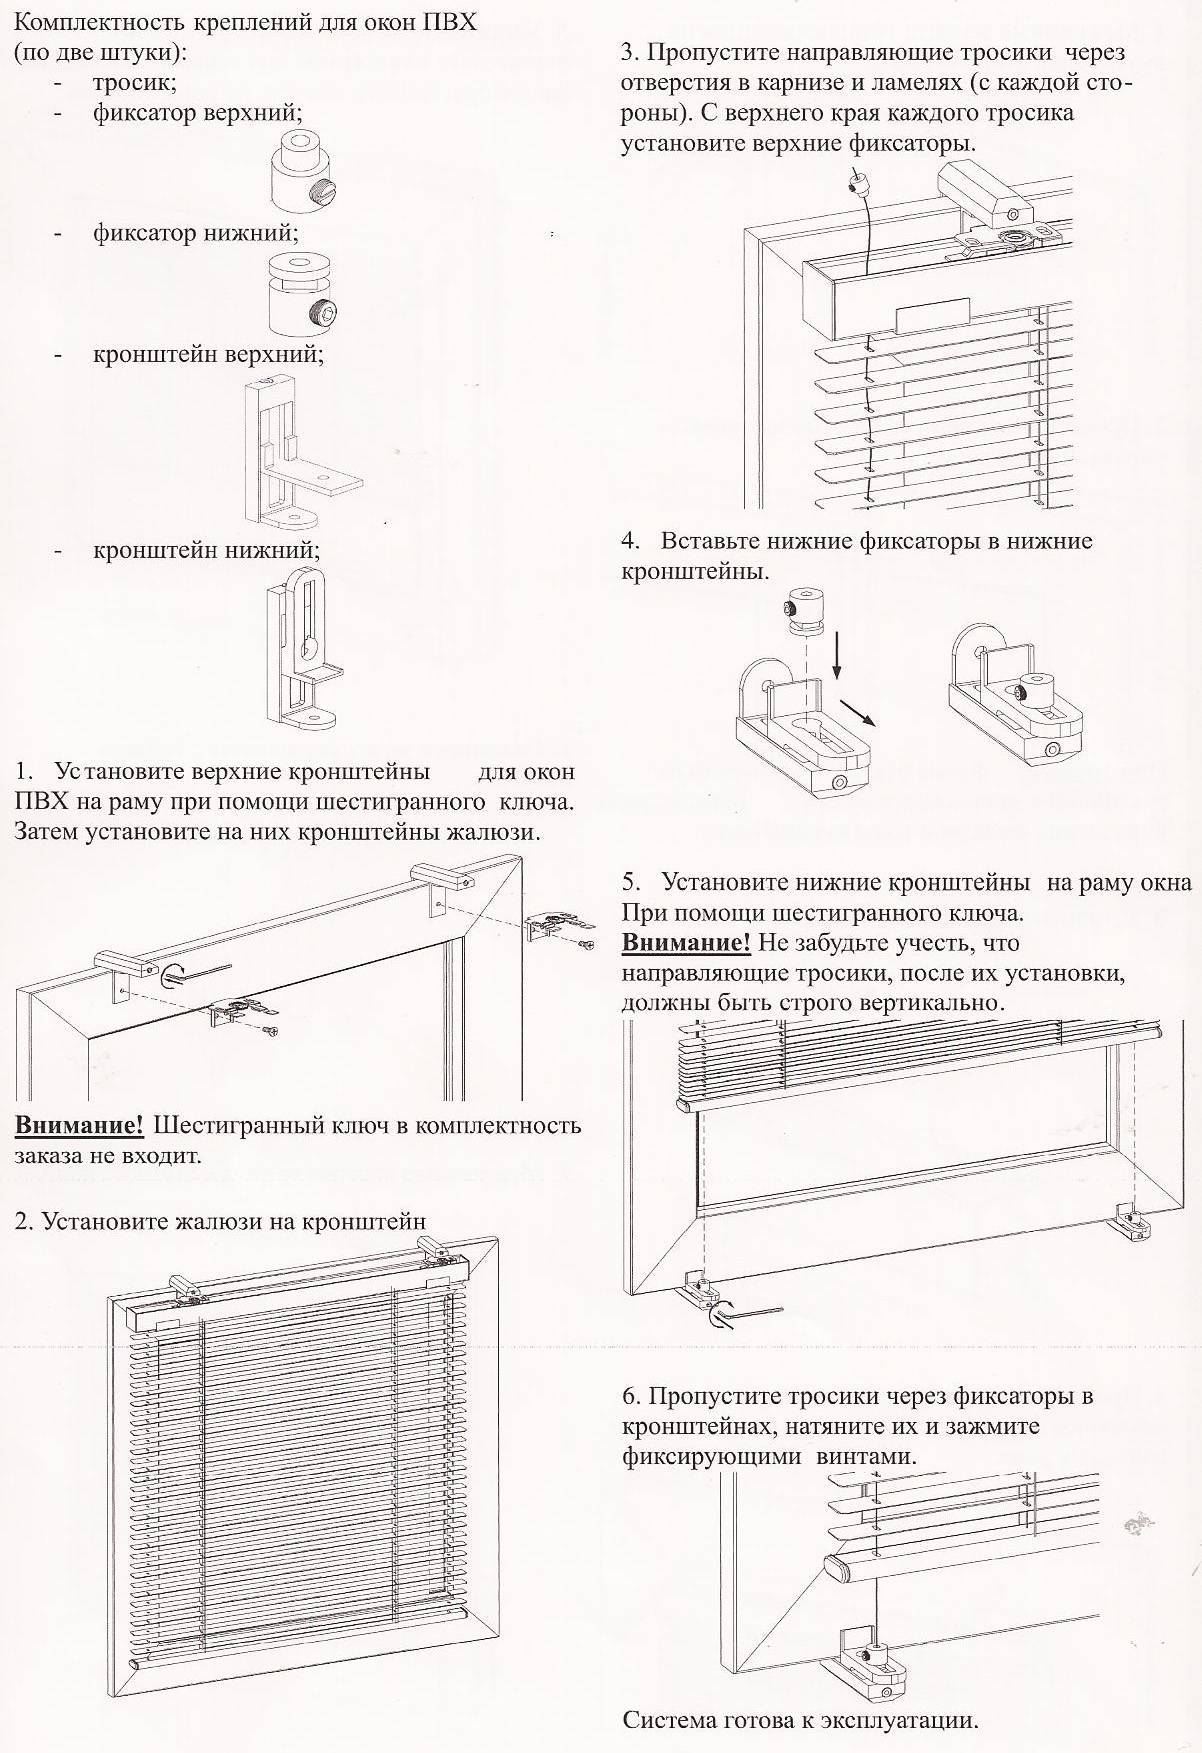 Как крепятся жалюзи на пластиковые окна инструкция